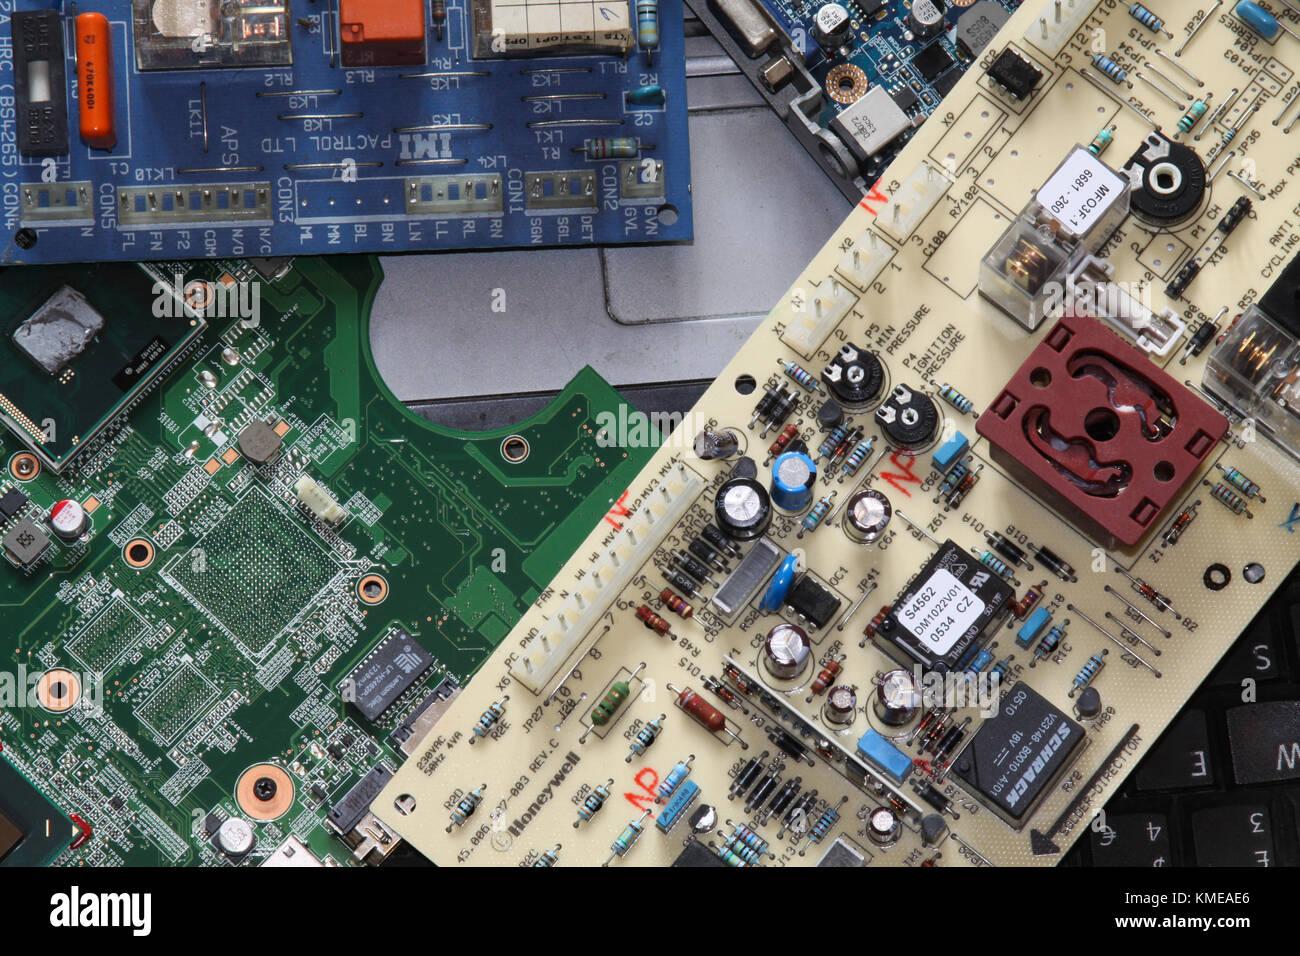 Las placas de circuitos y equipos de desecho. UK Imagen De Stock